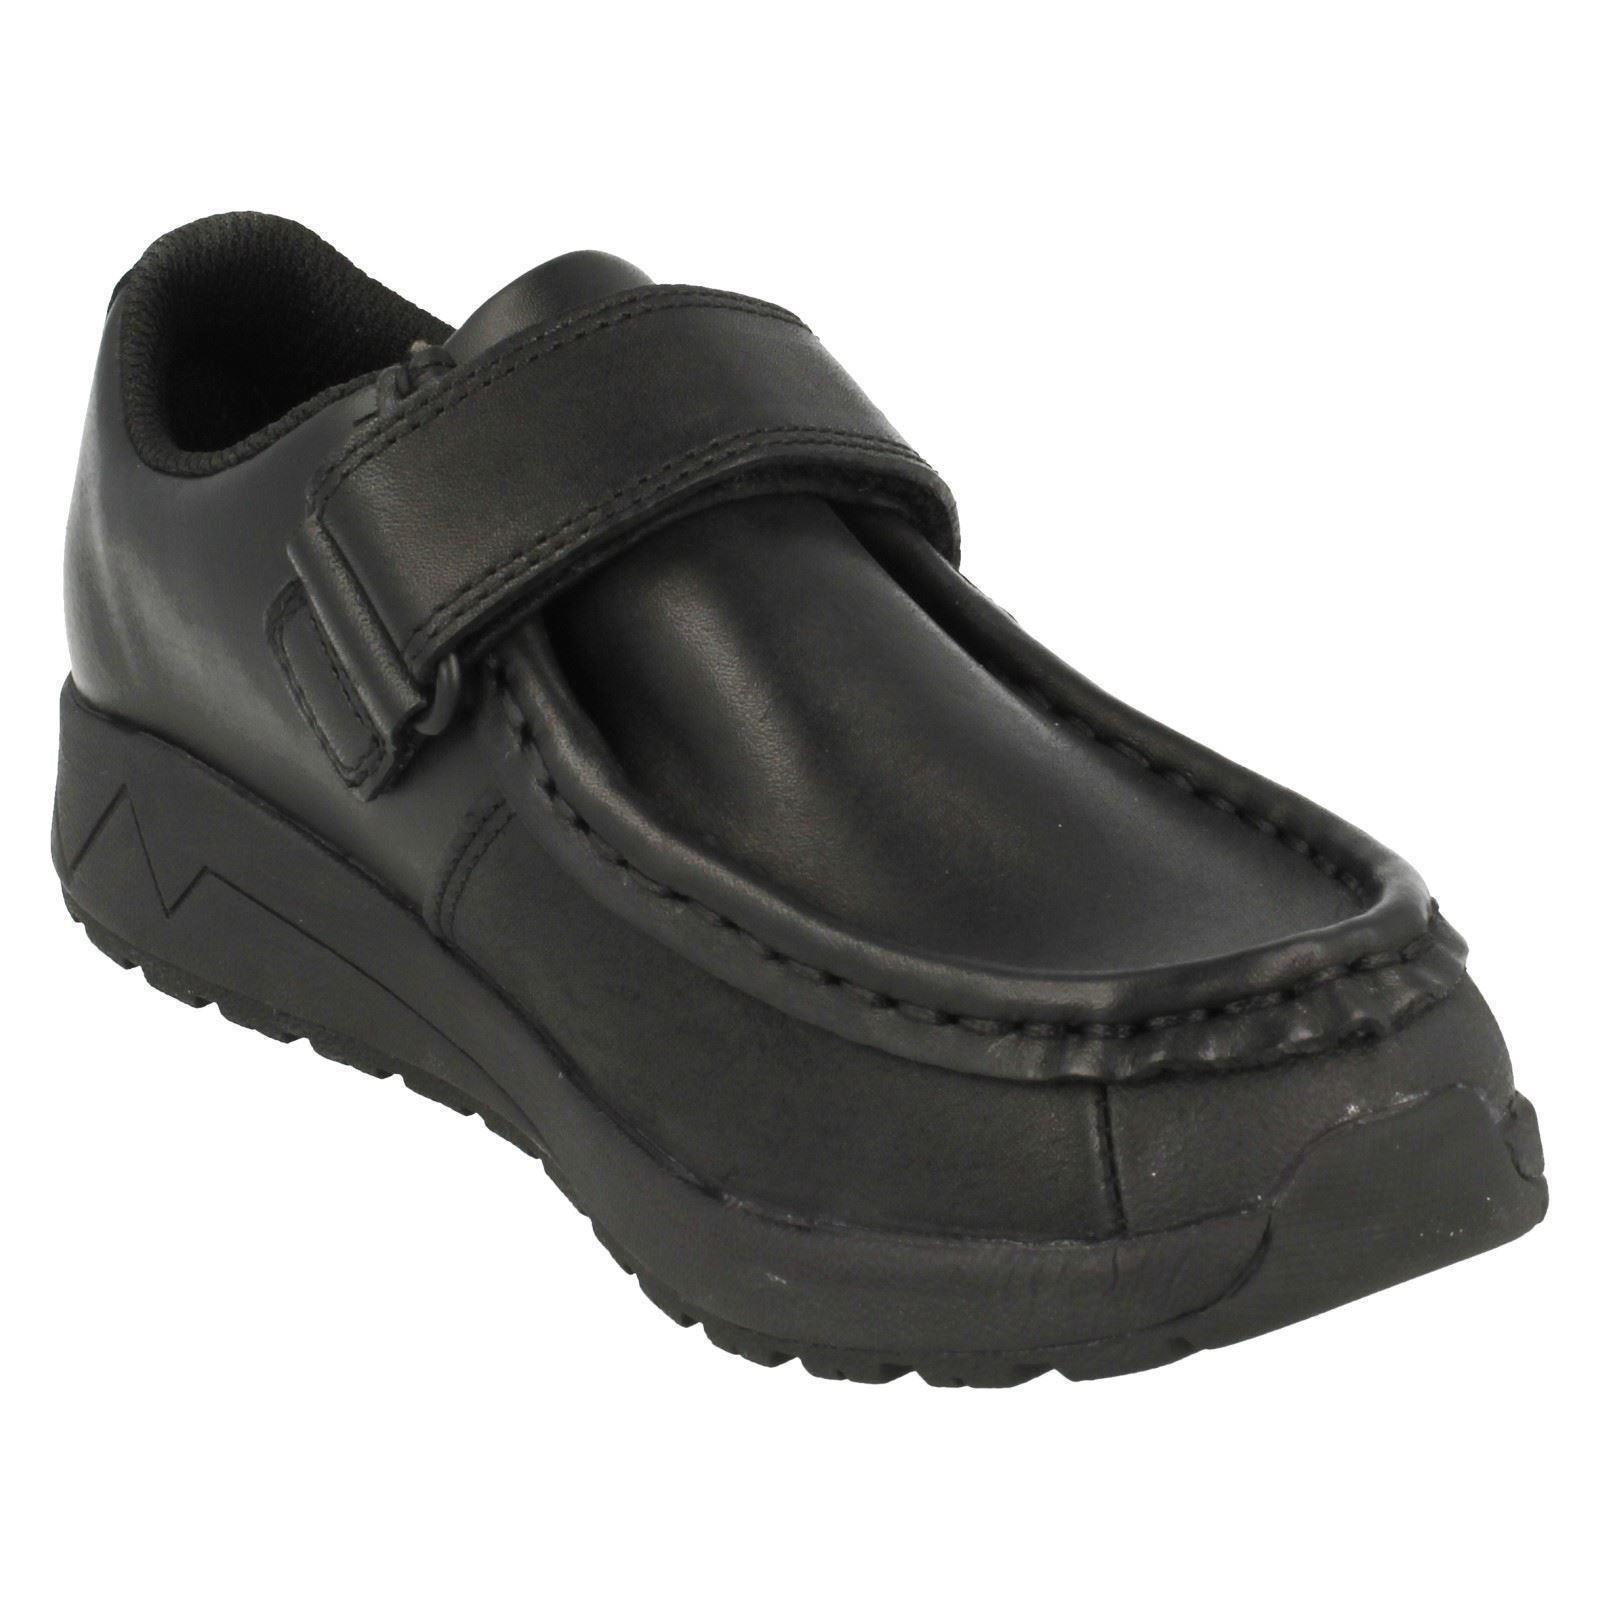 Boys Clarks School Shoes /'Jojen Trek/'